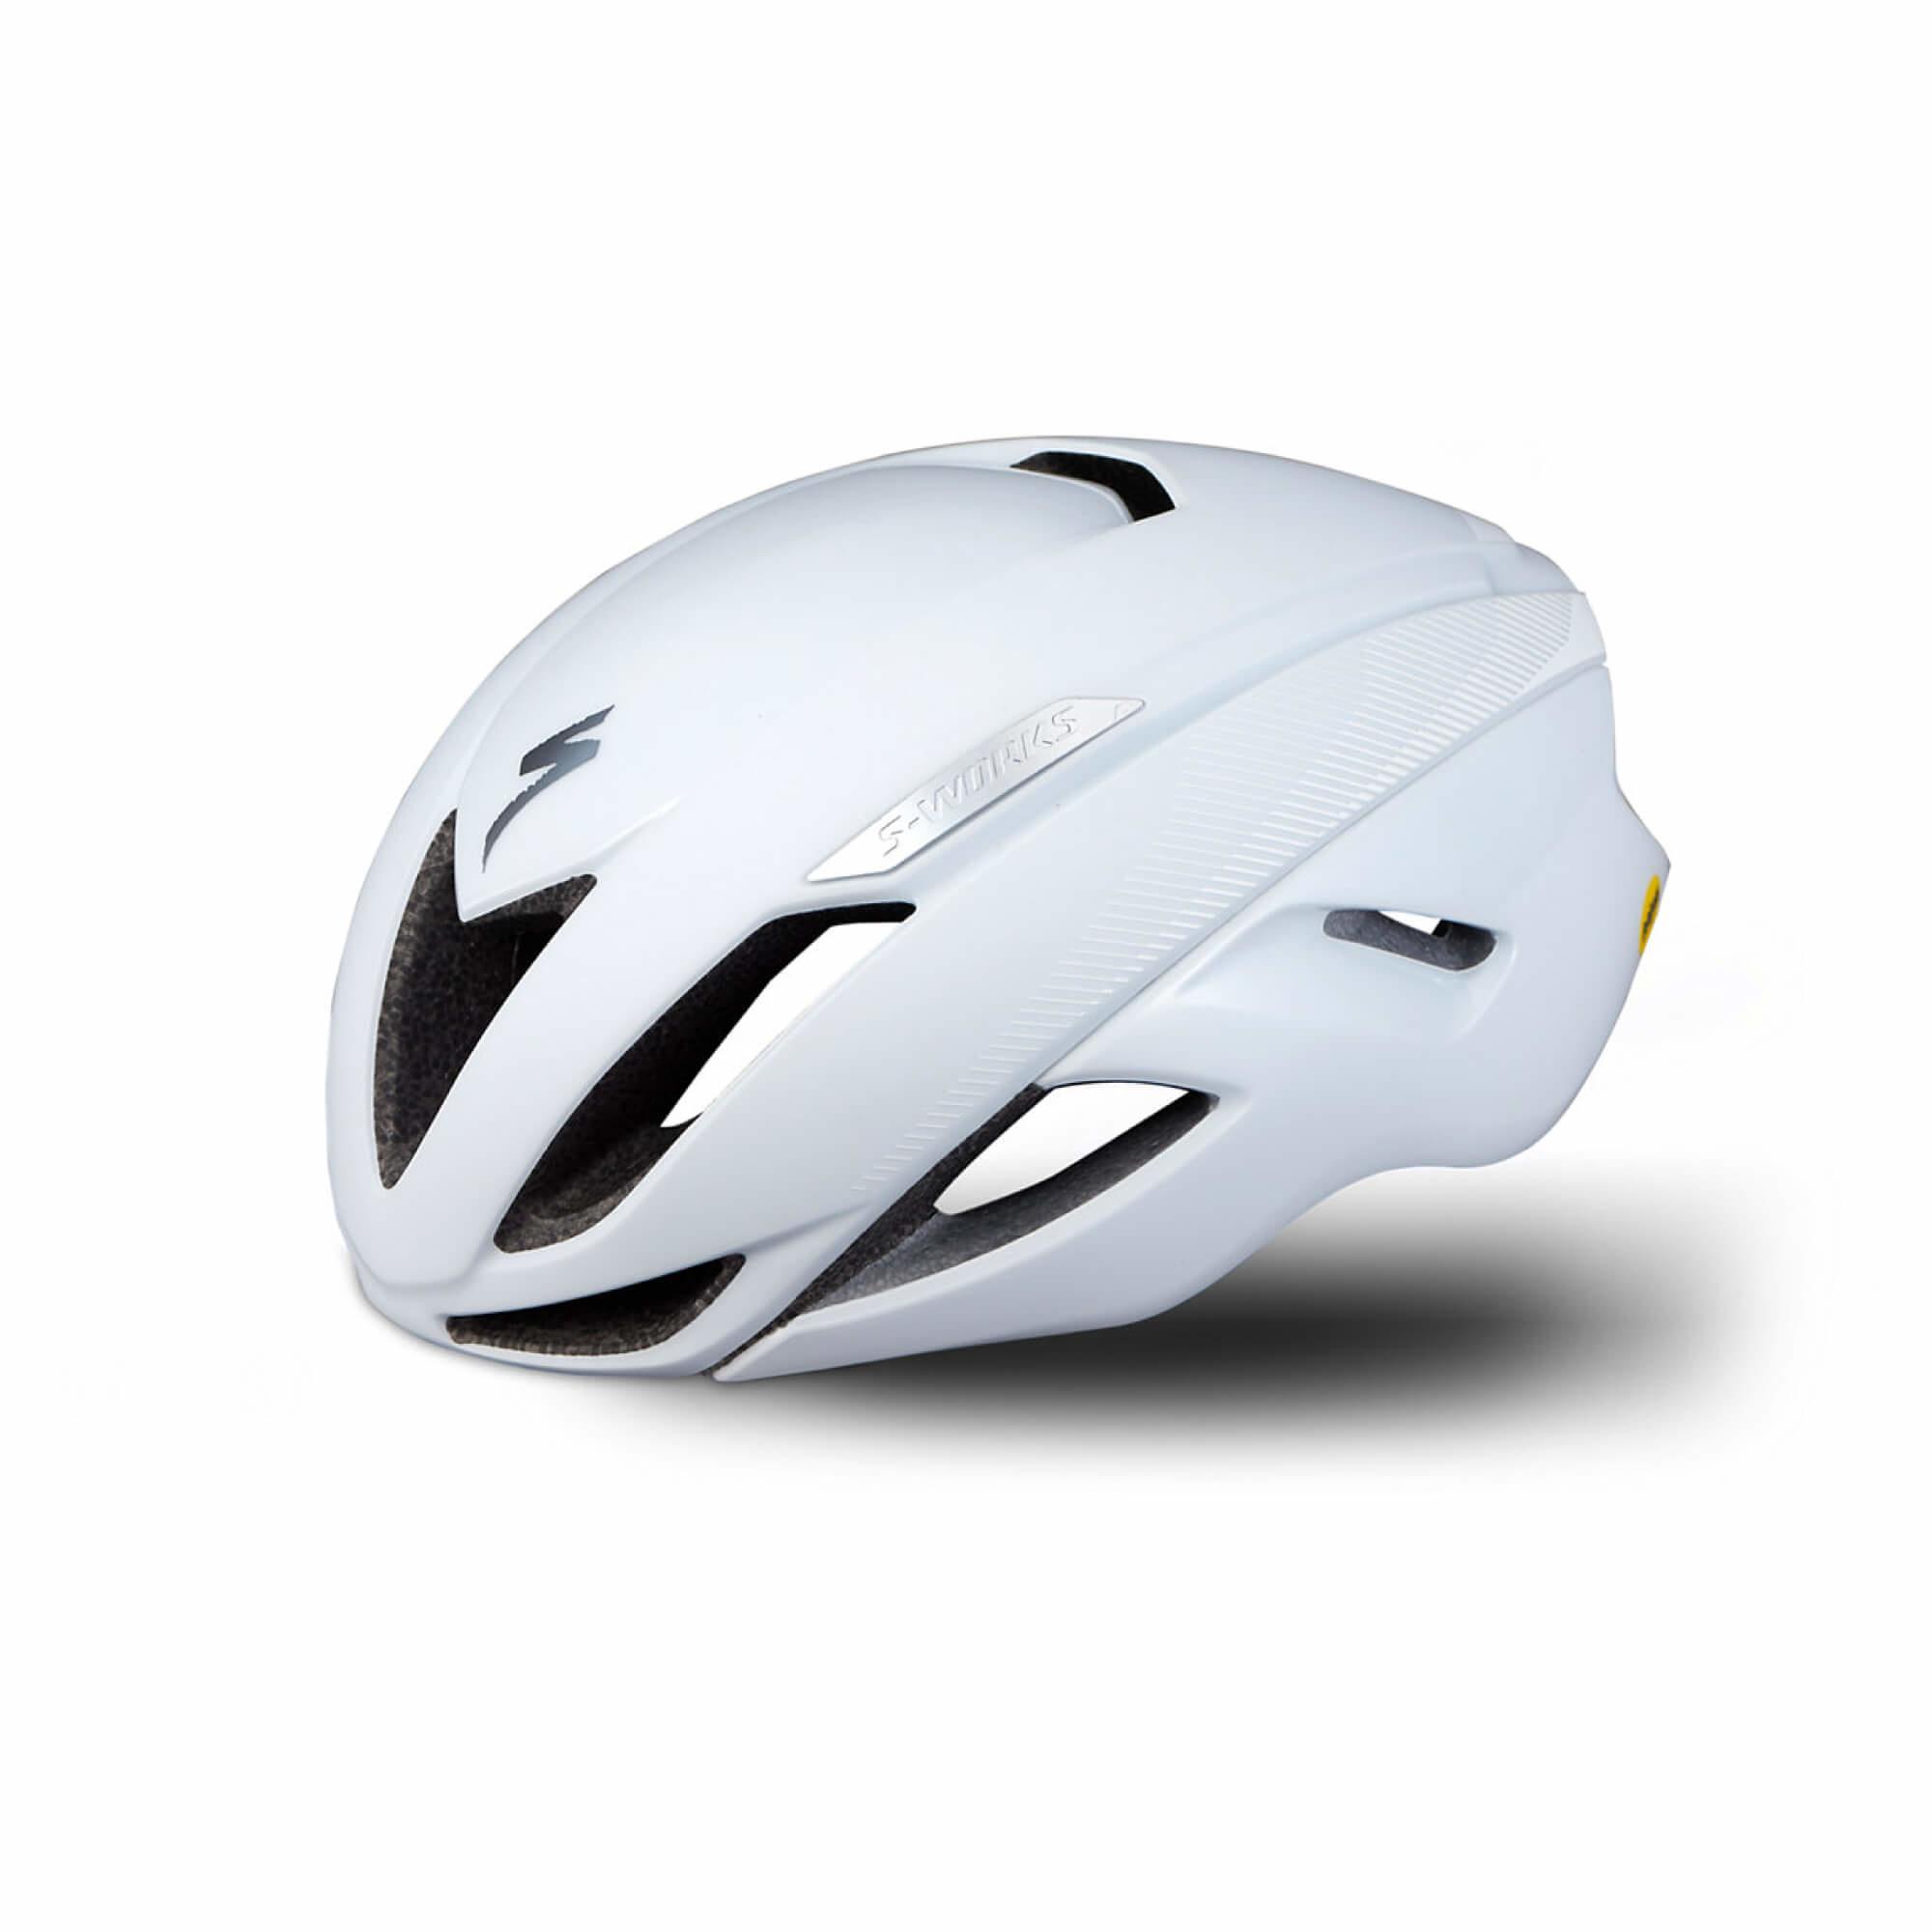 S-Works Evade II Helmet Angi Mips-6